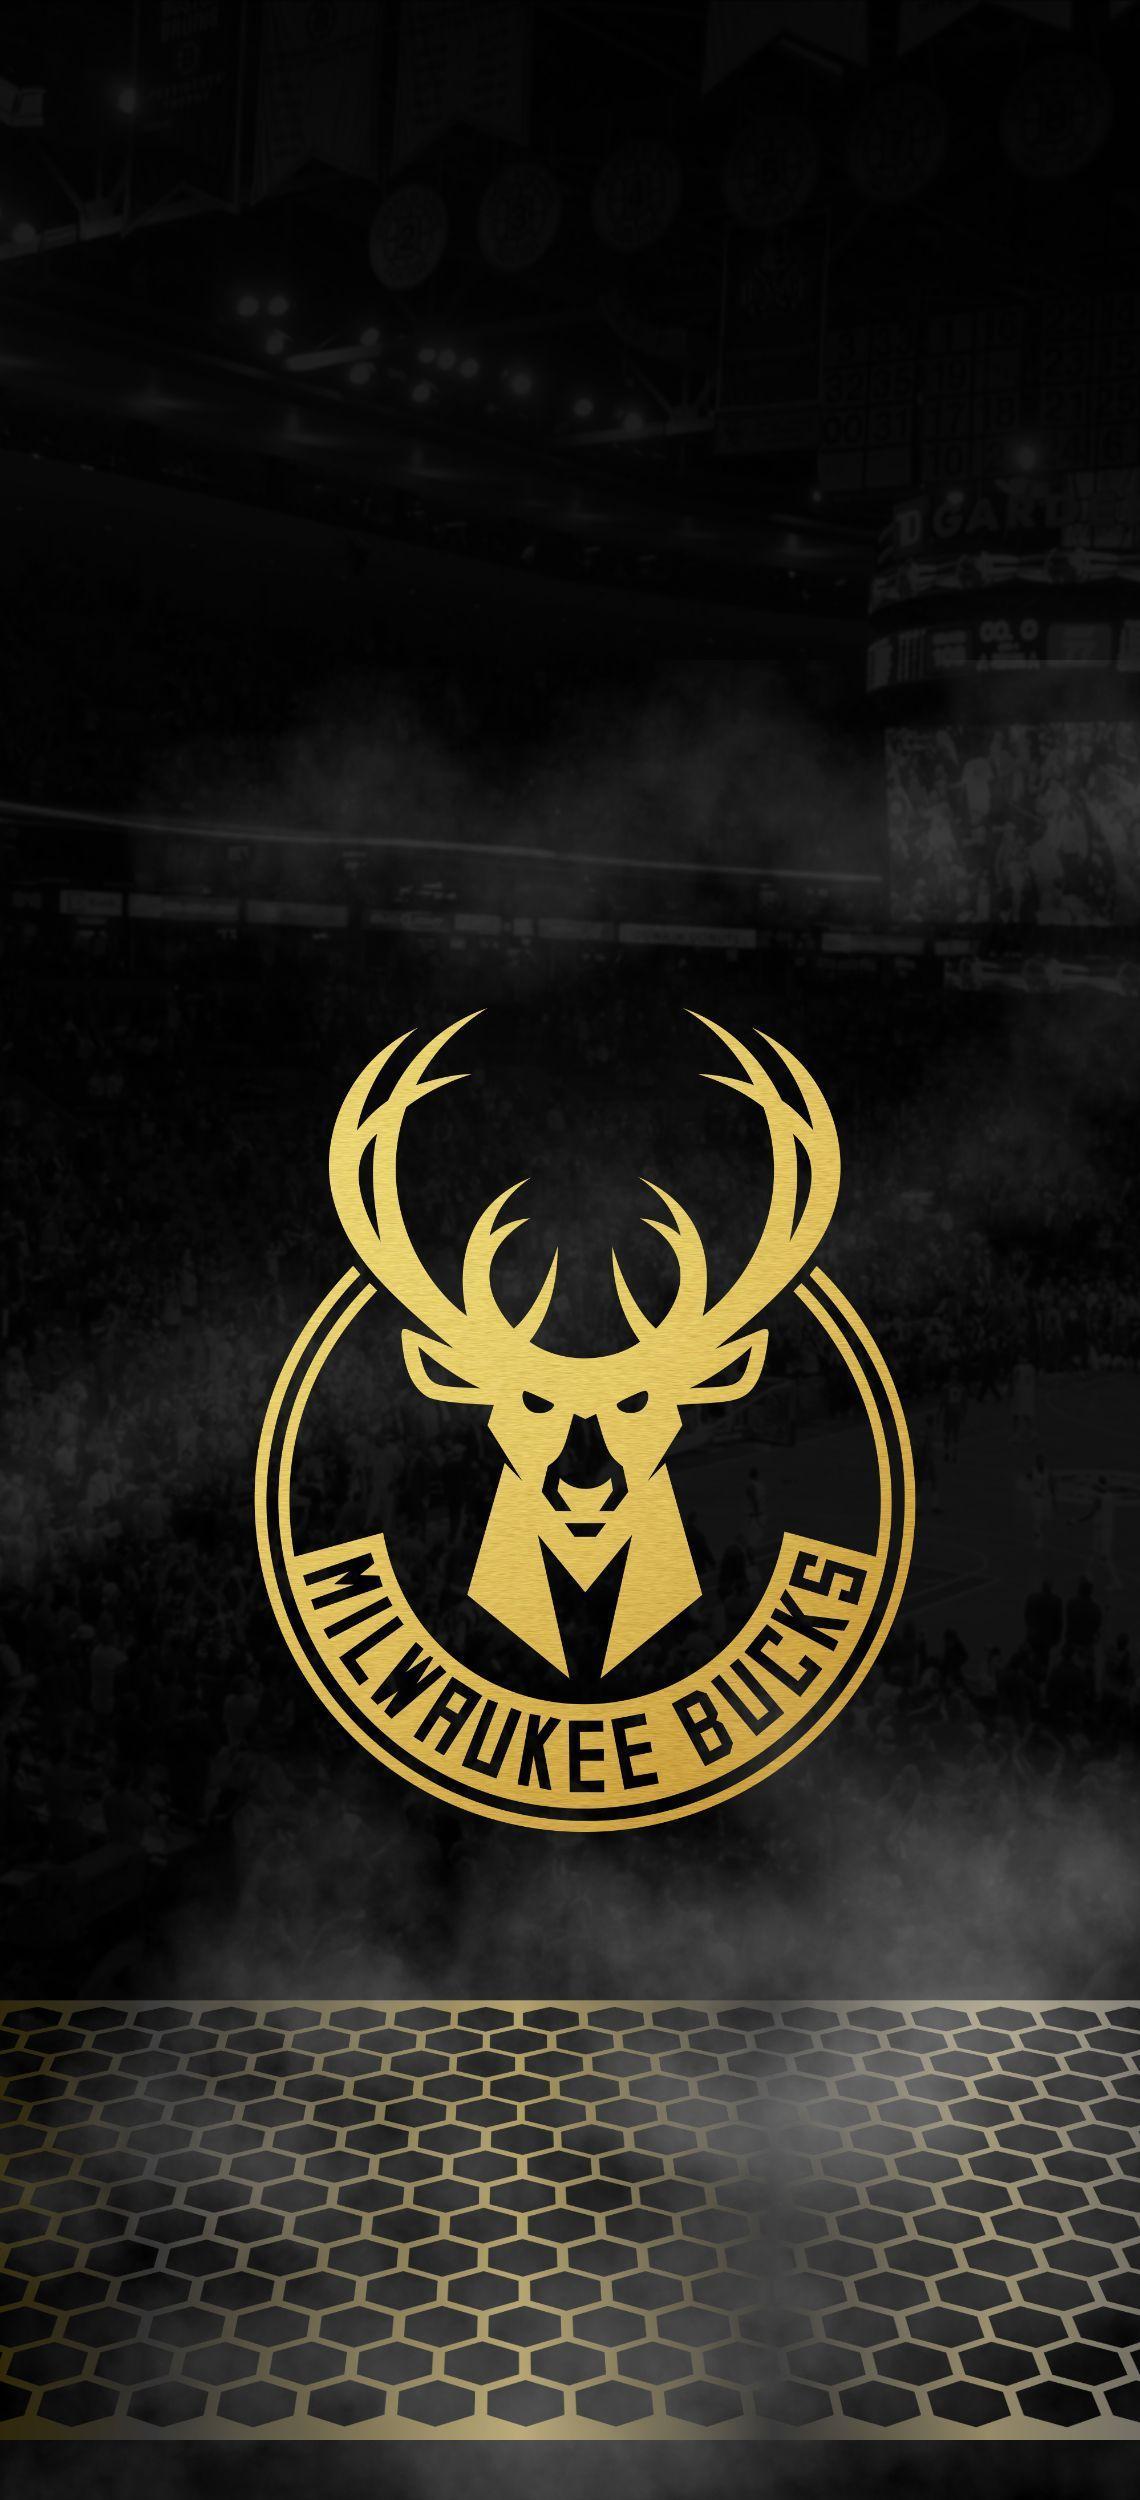 Bucks Logo Wallpaper / Milwaukee Bucks On Twitter Bucks ...